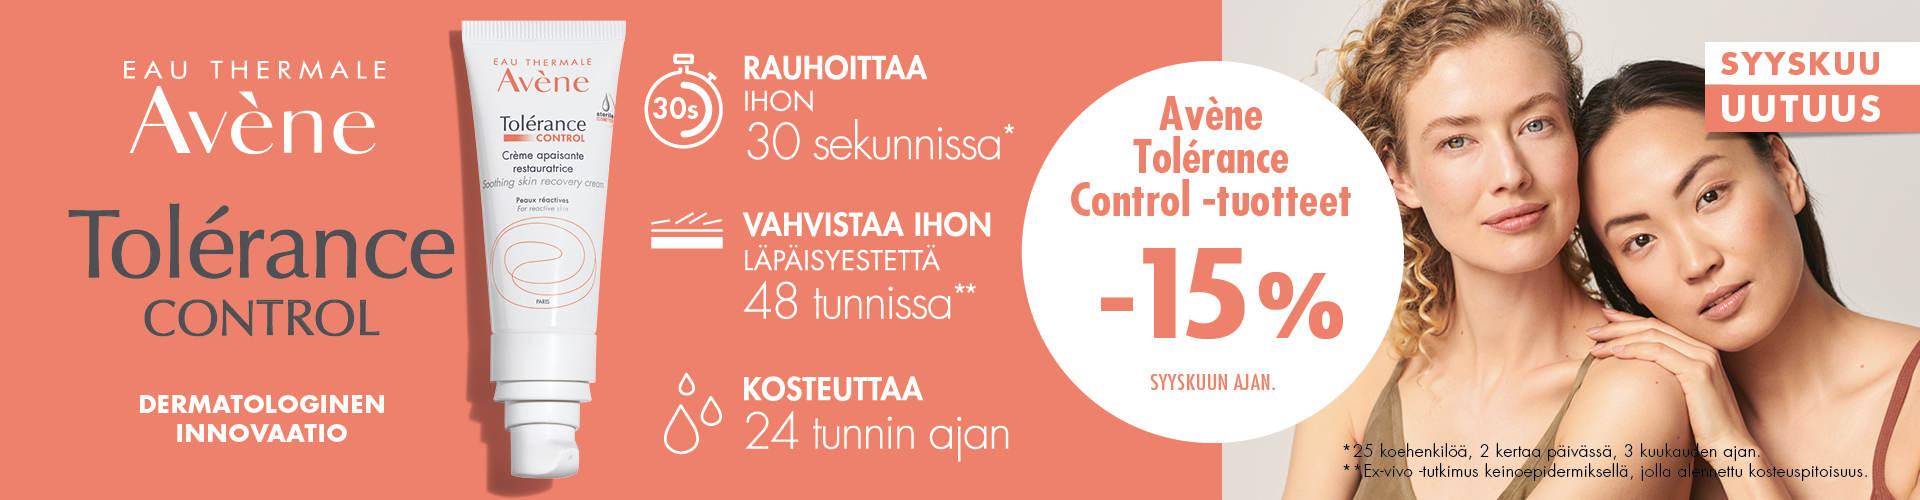 Avene Tolerance Control tuotteet -Rotuaarin verkkoapteekki